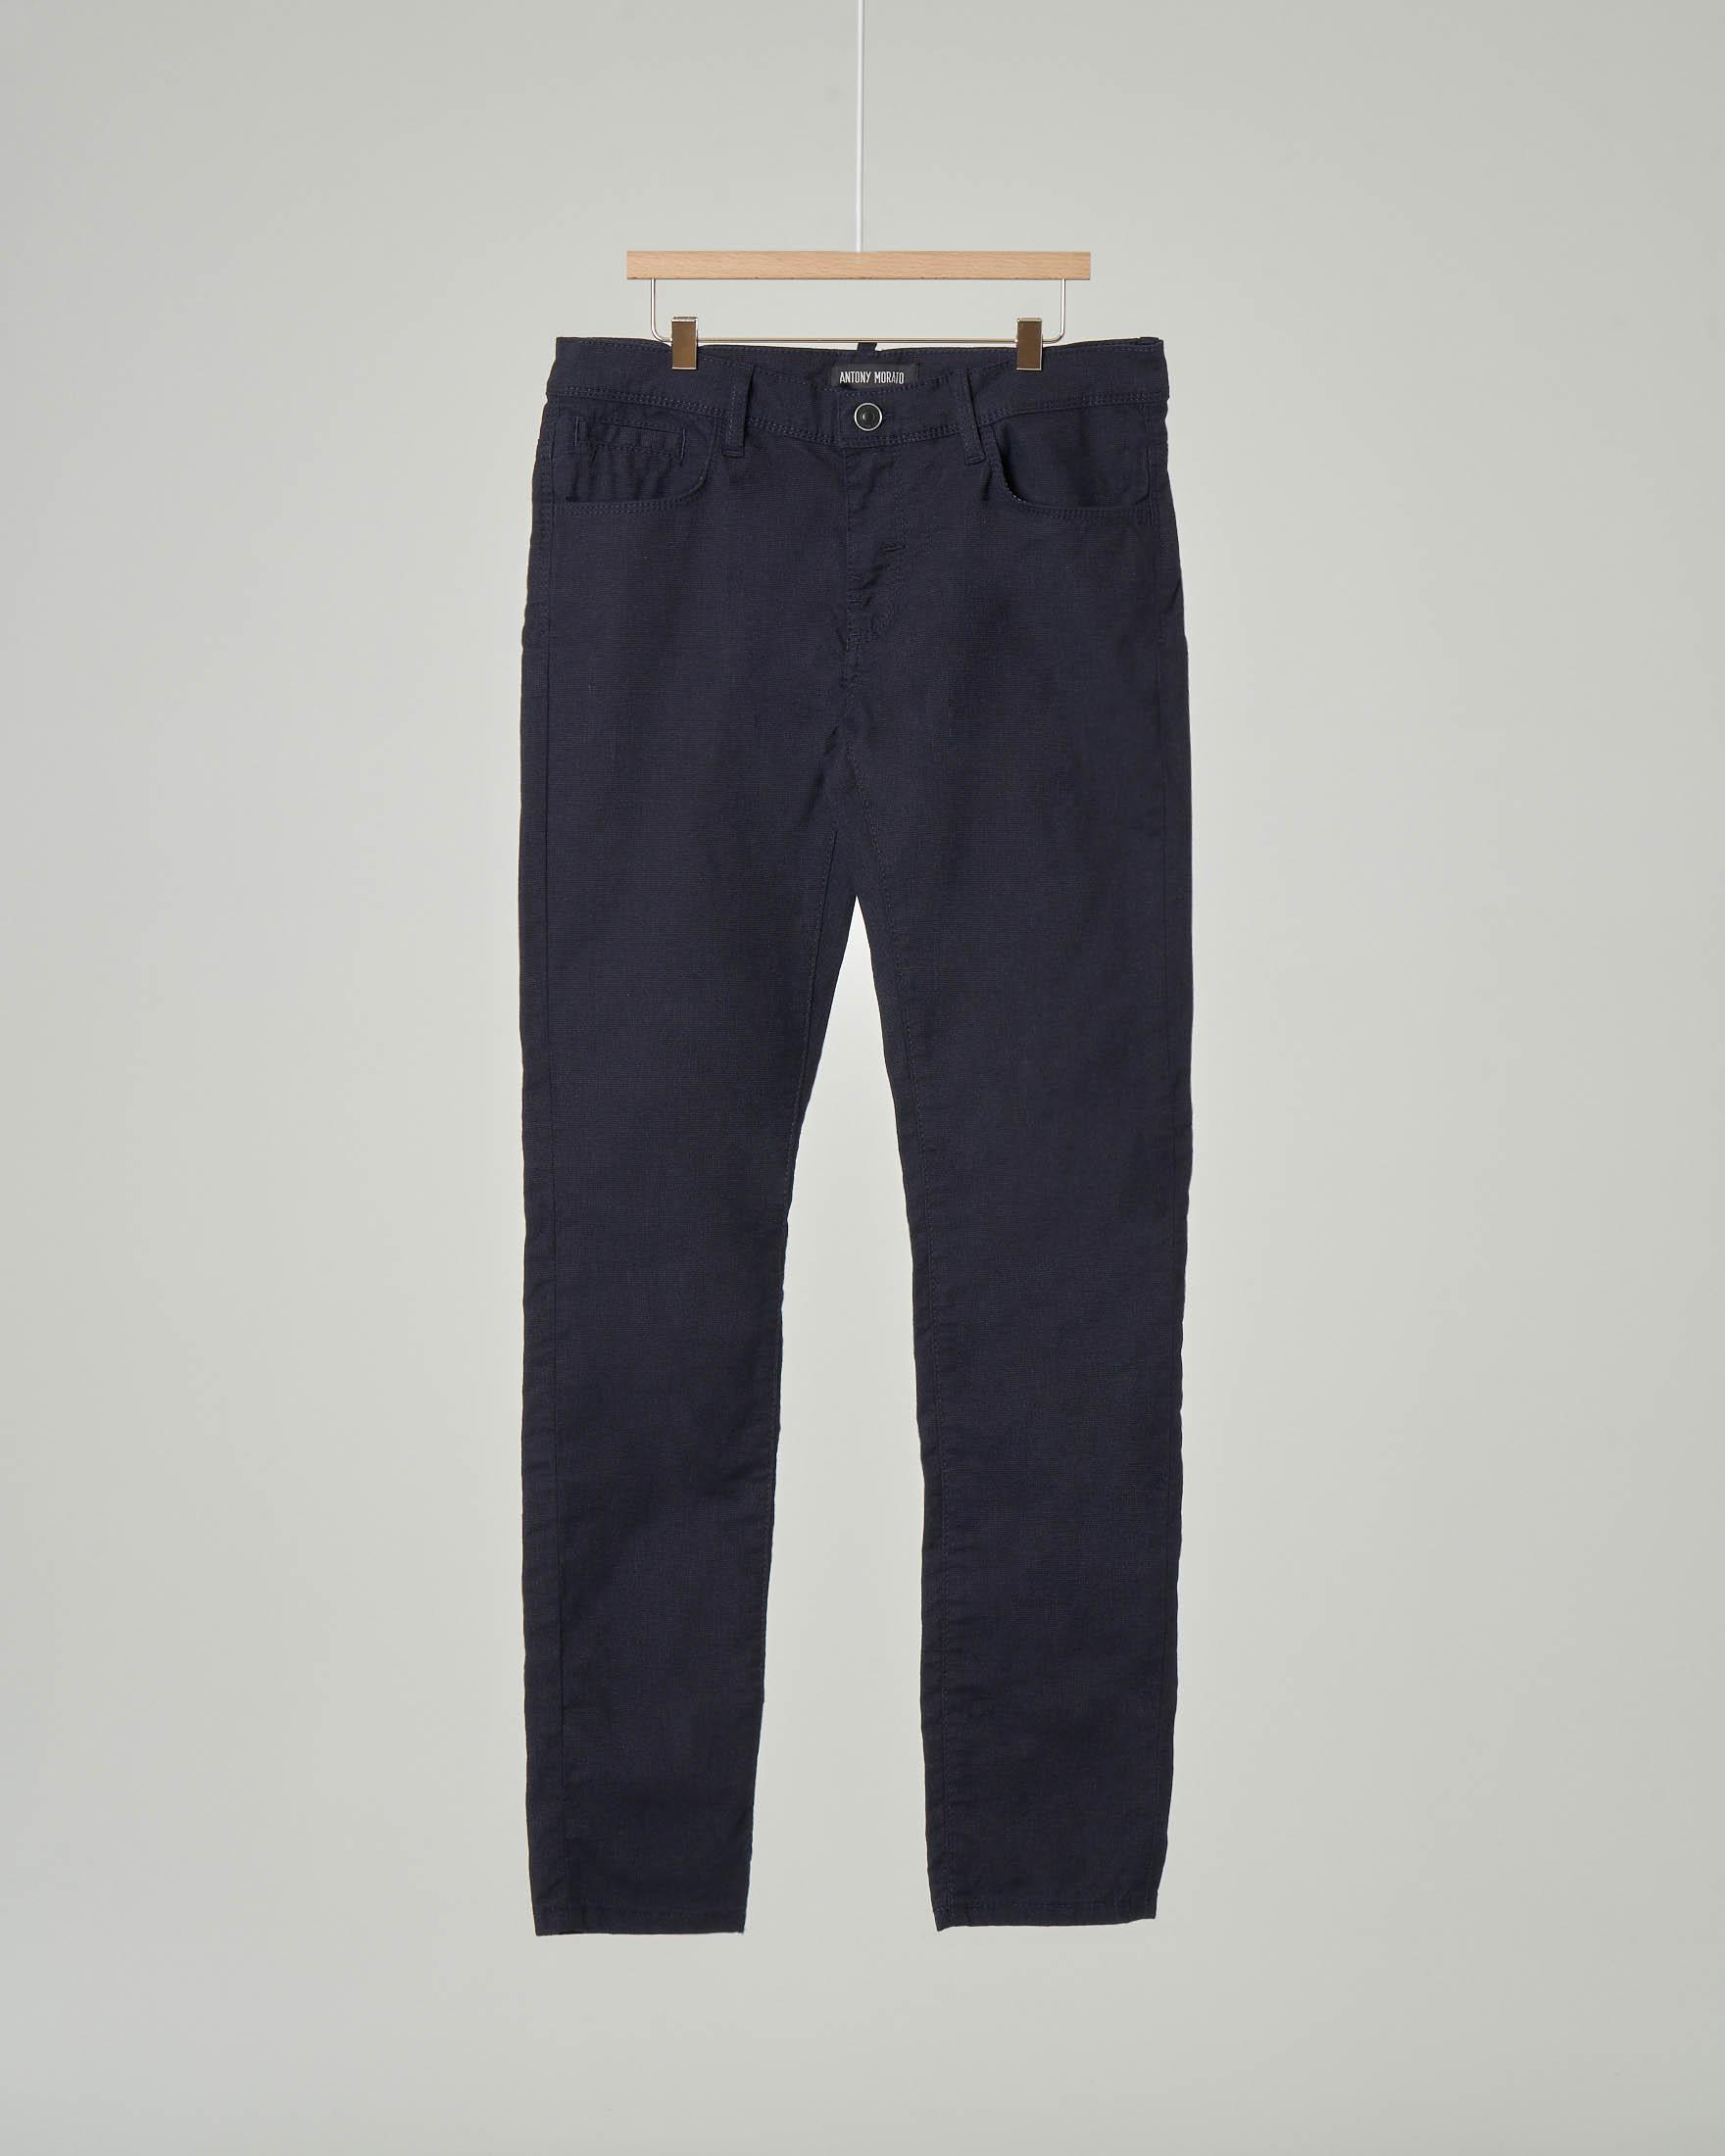 Pantalone cinque tasche blu in cotone elasticizzato 10-16